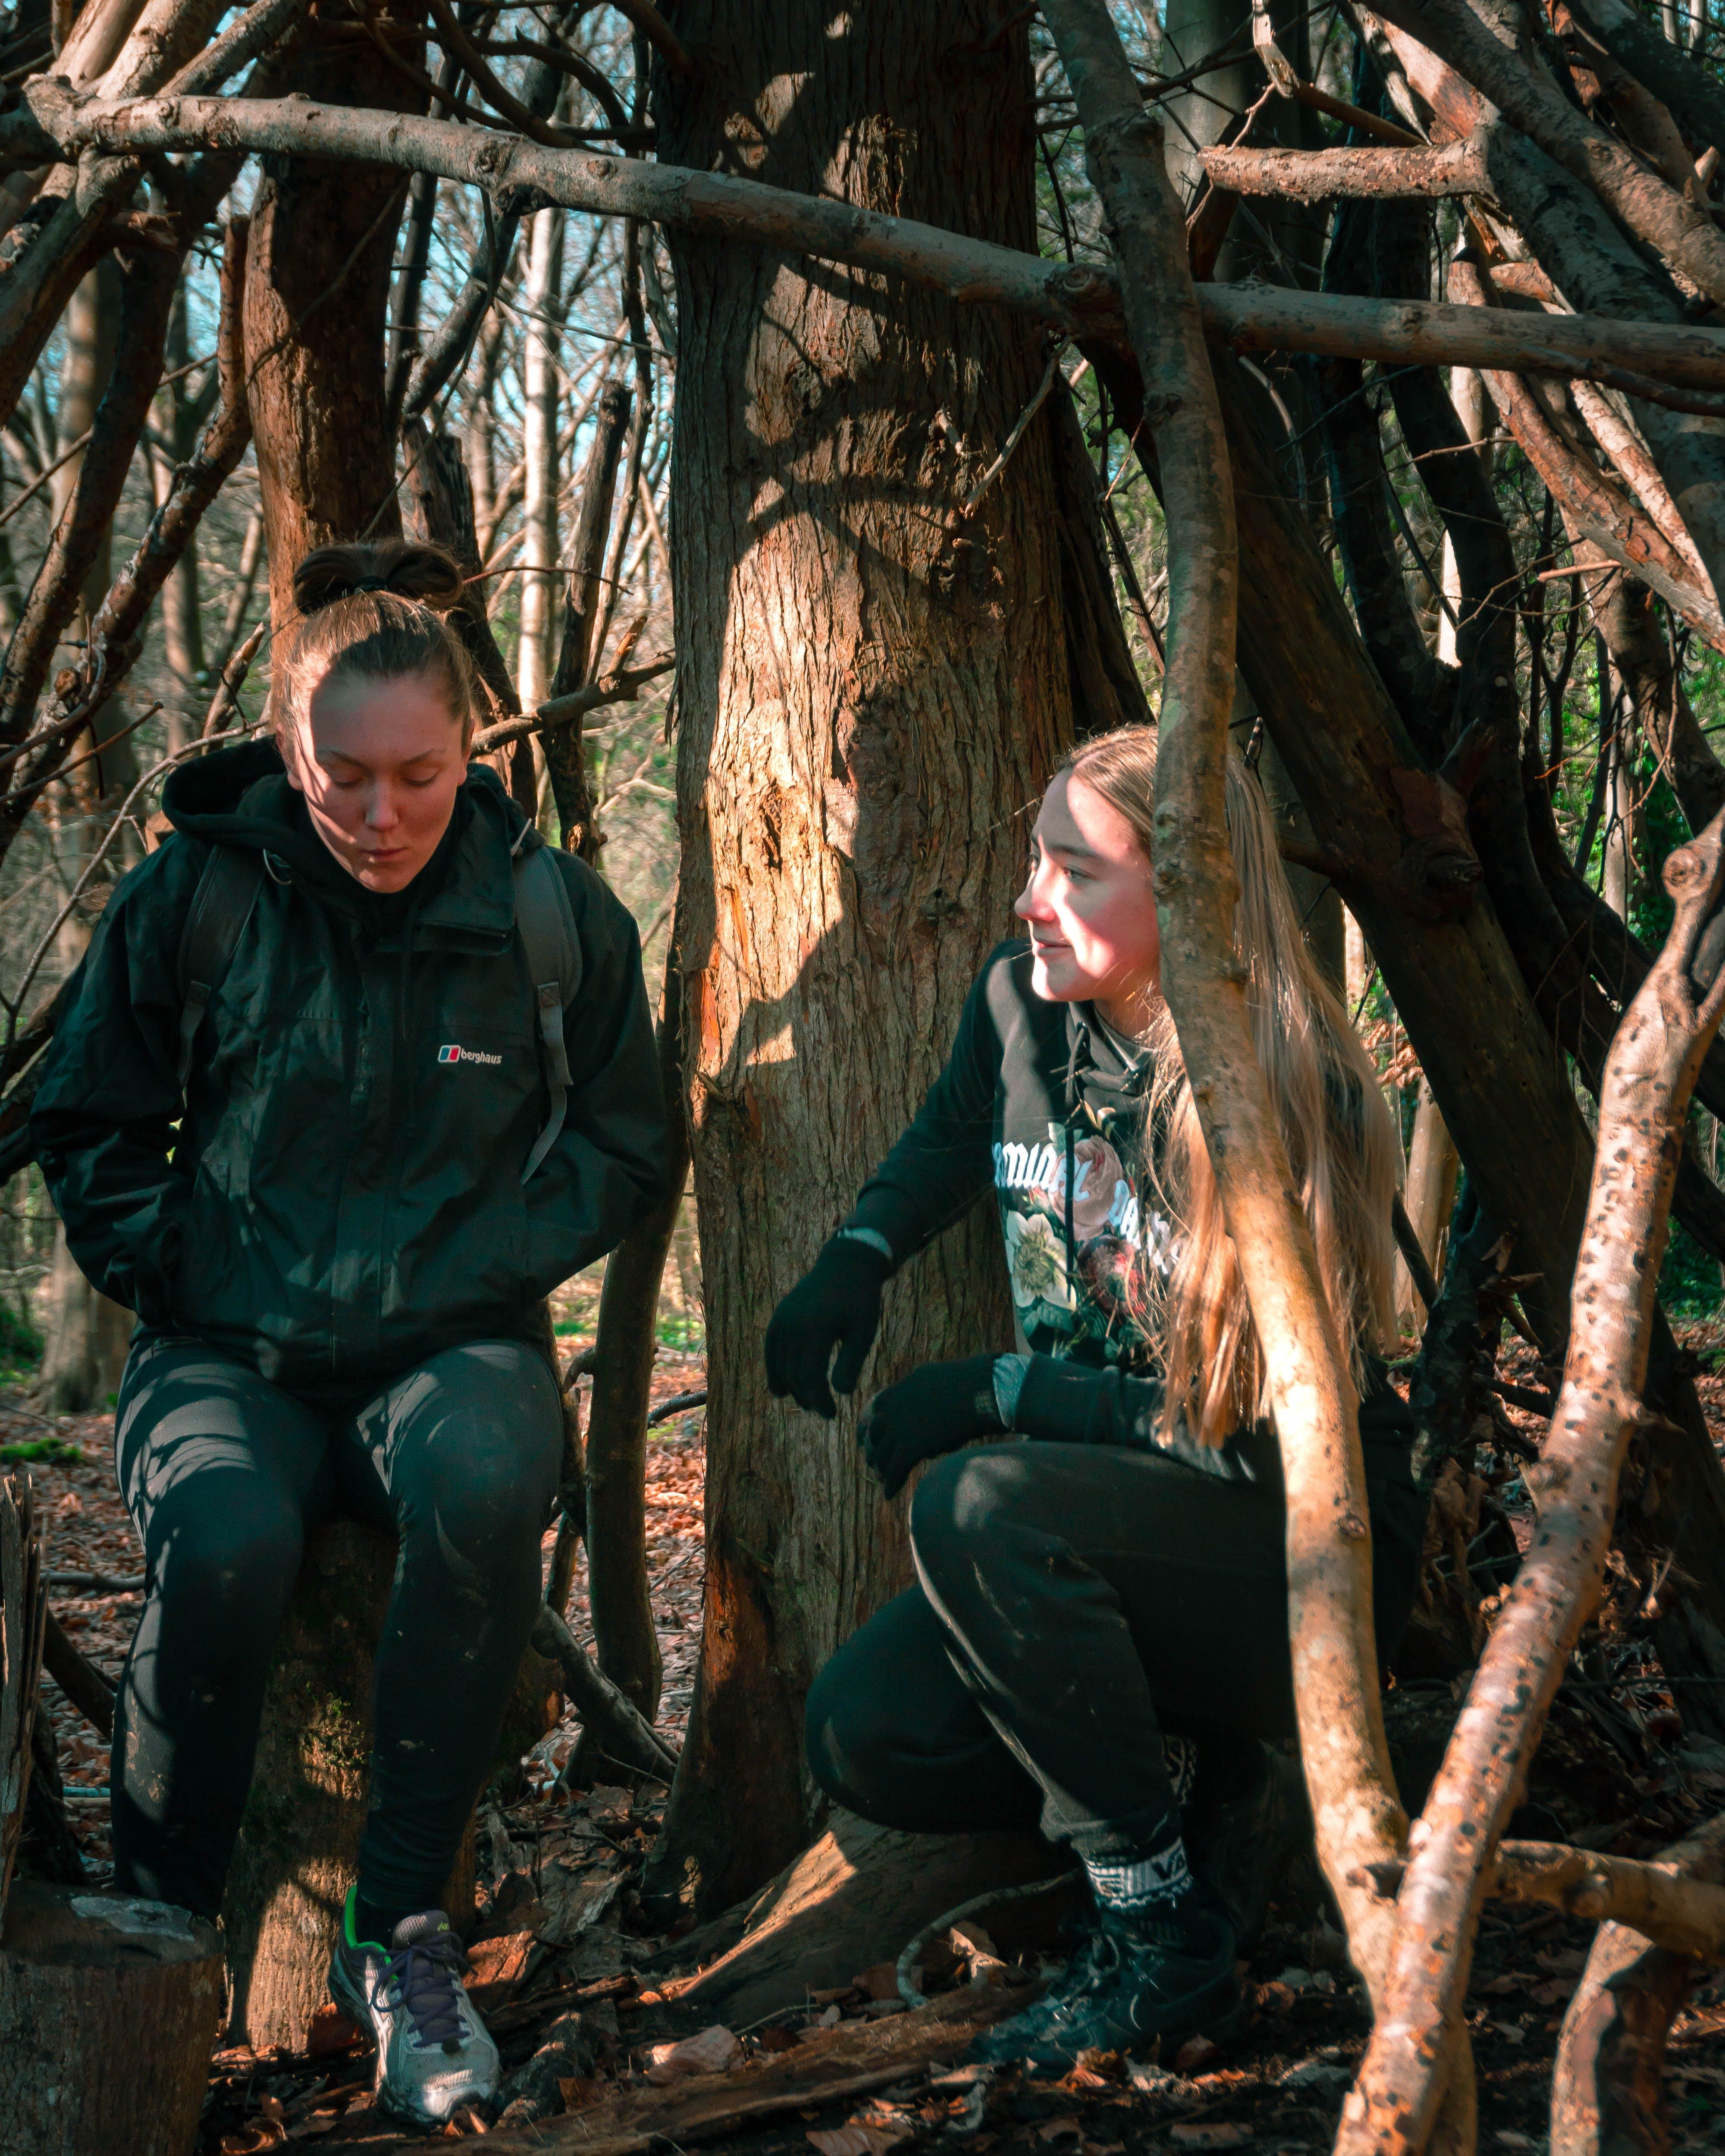 Gratis lagerfoto af kvinder, natur, sidde, træer